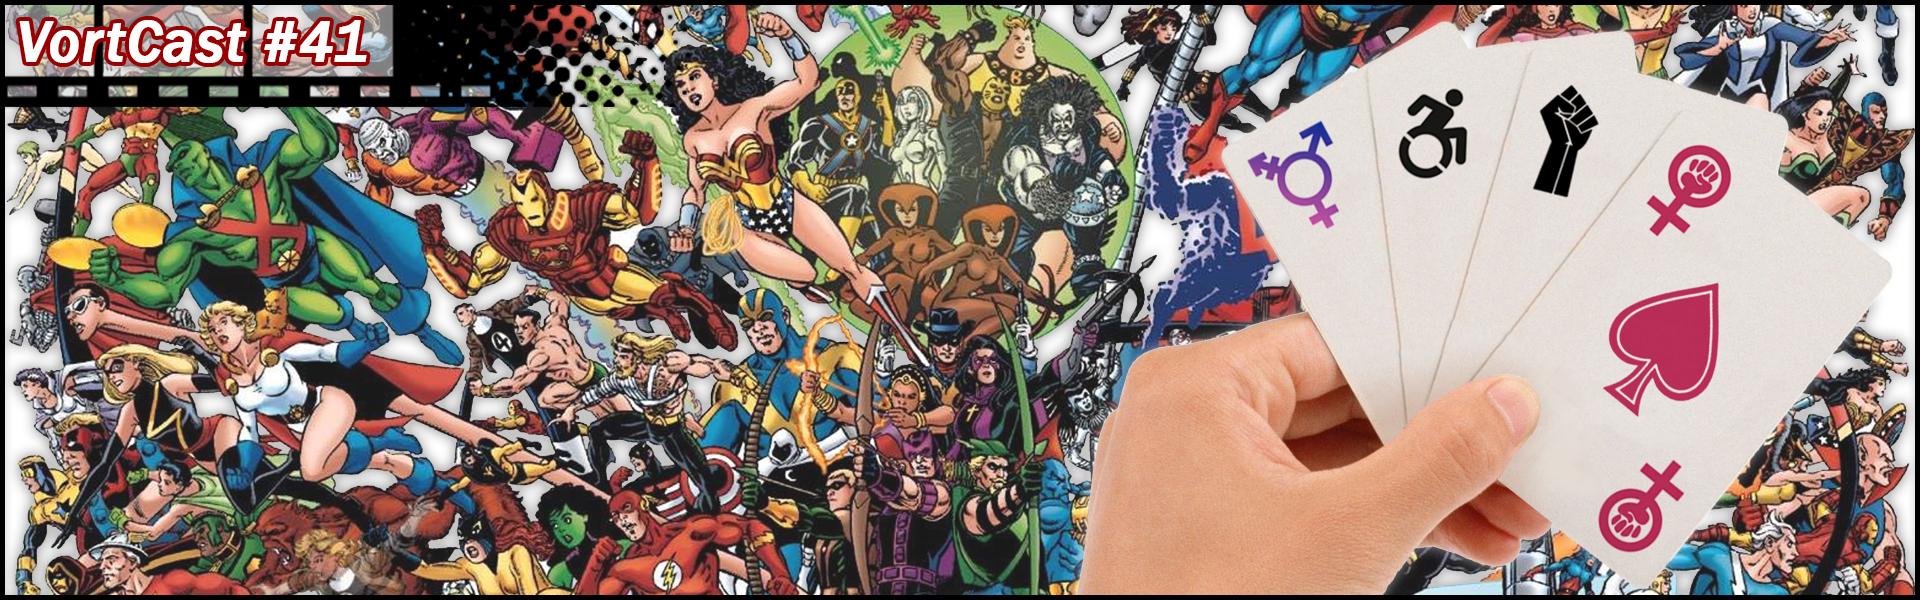 VortCast 41 | A Representatividade nos Quadrinhos